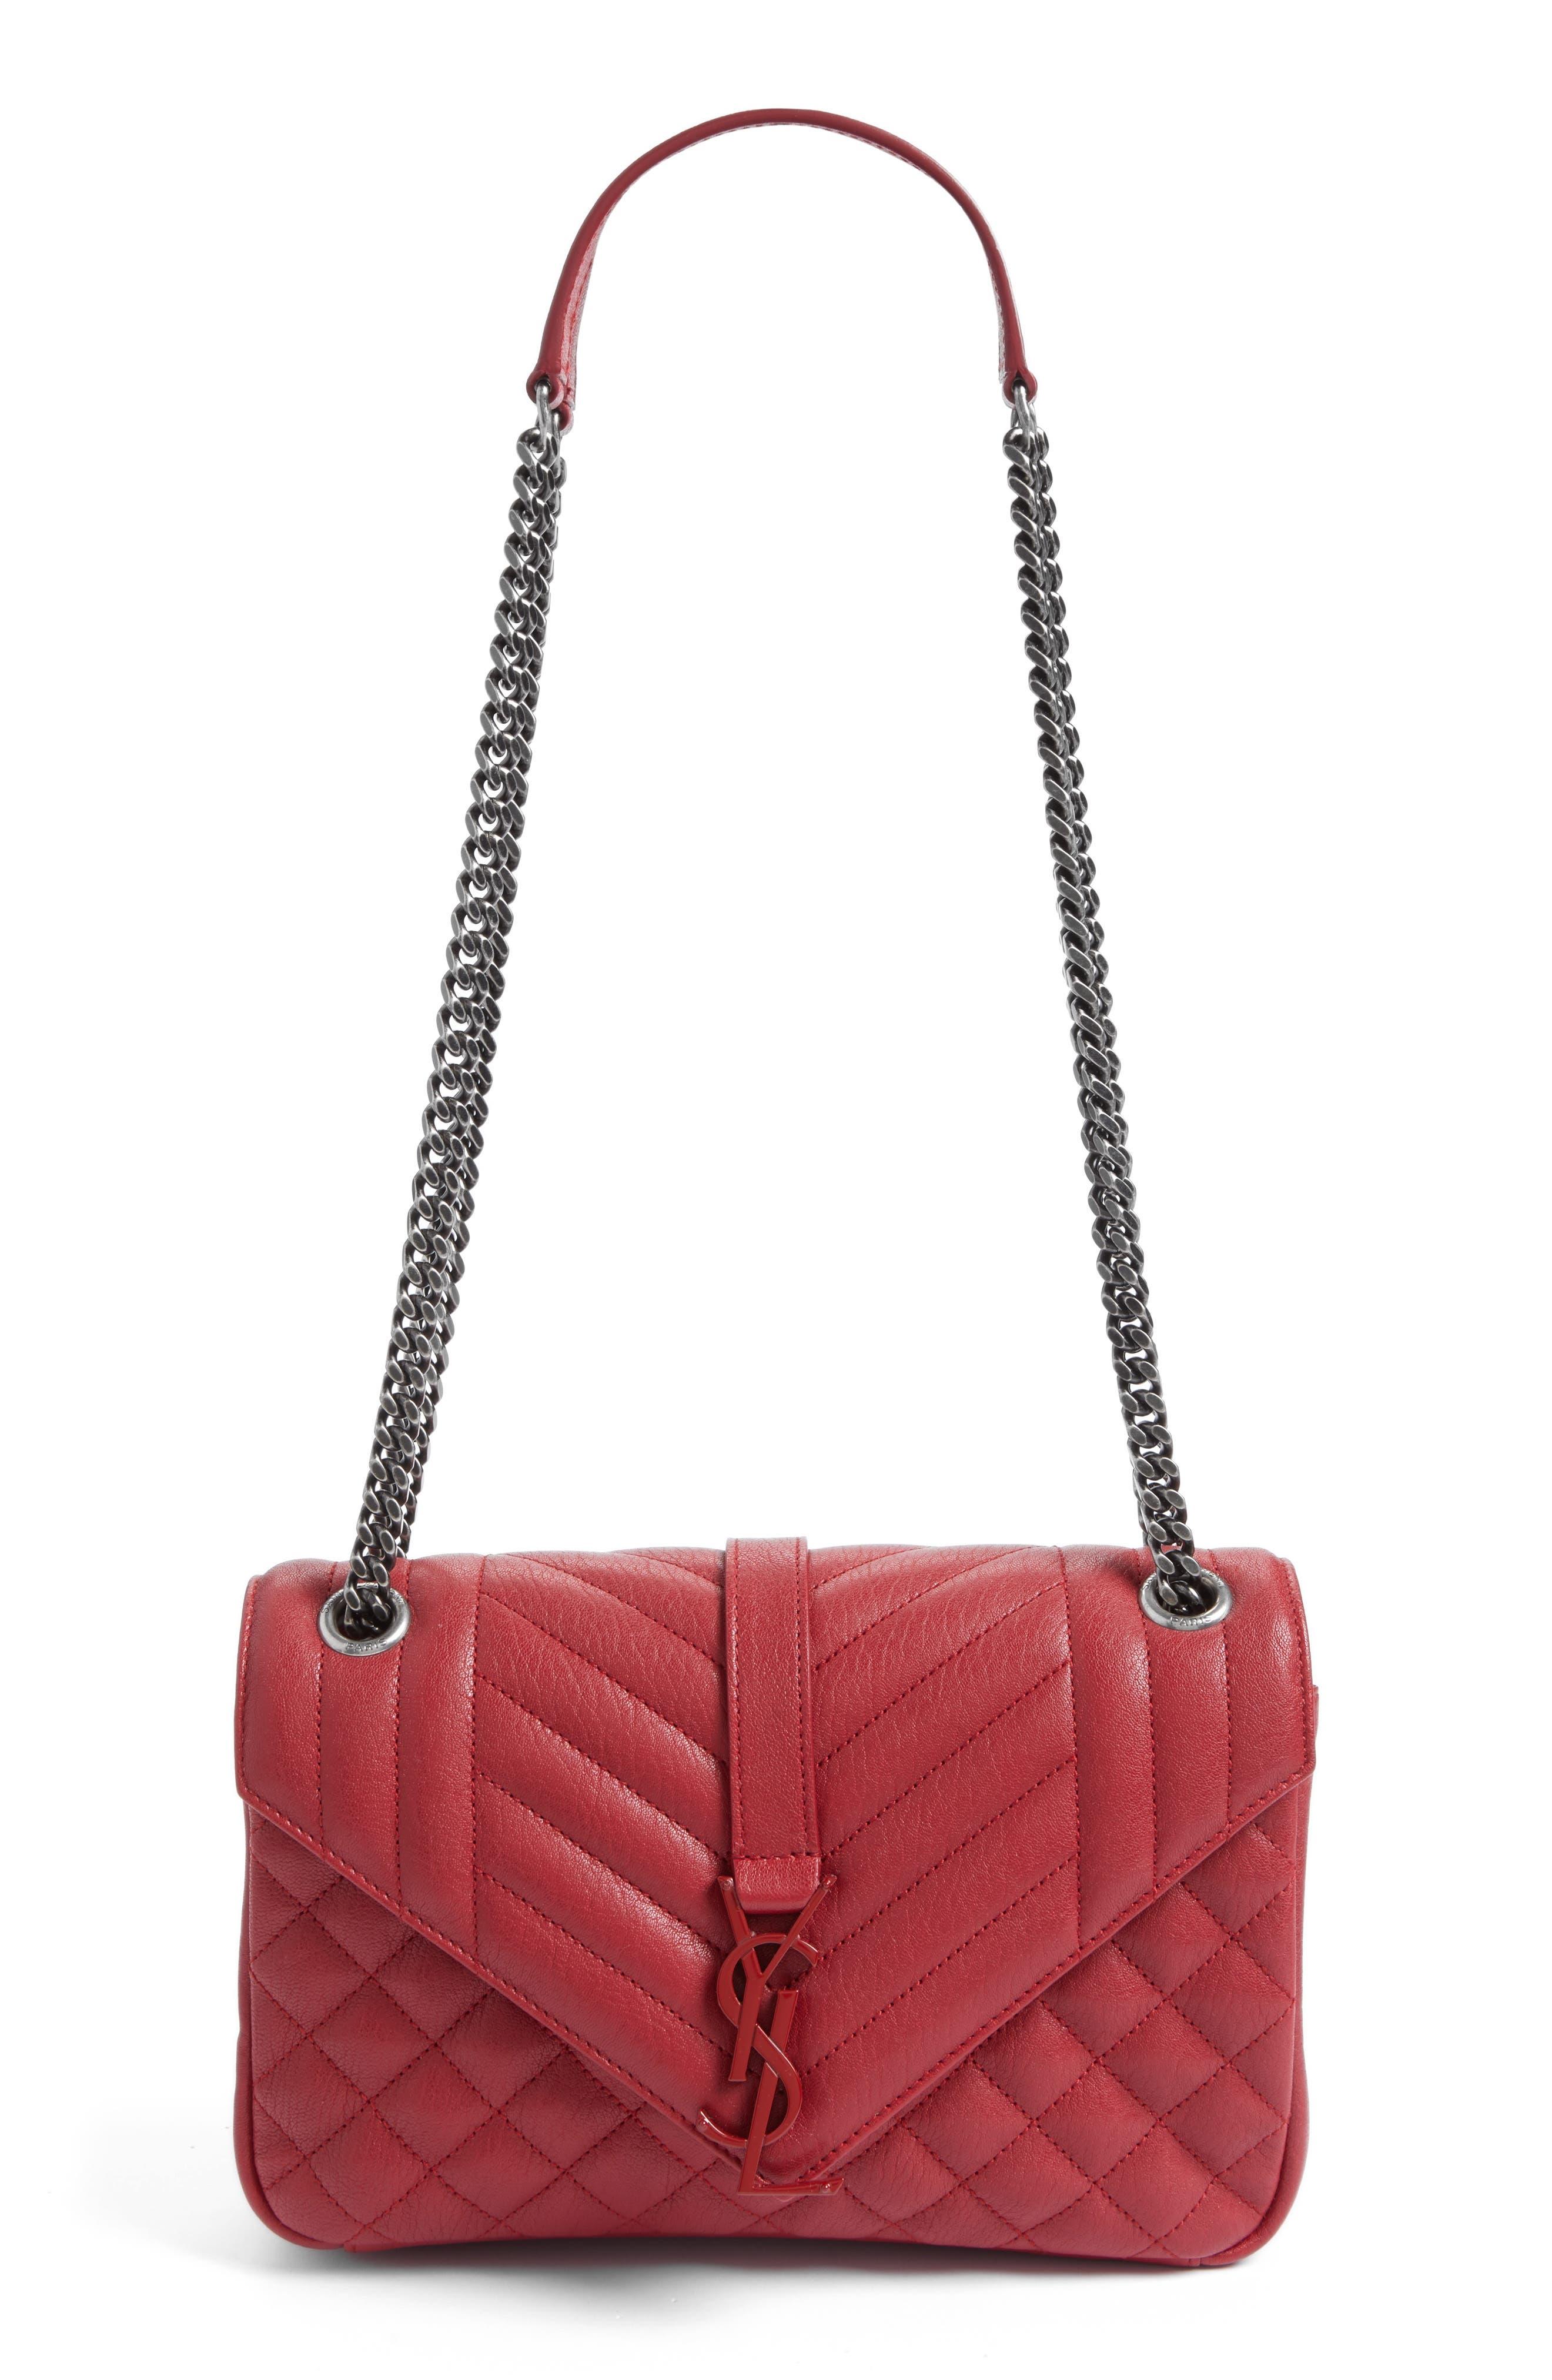 Saint Laurent Large Monogramme Matelassé Leather Shoulder Bag